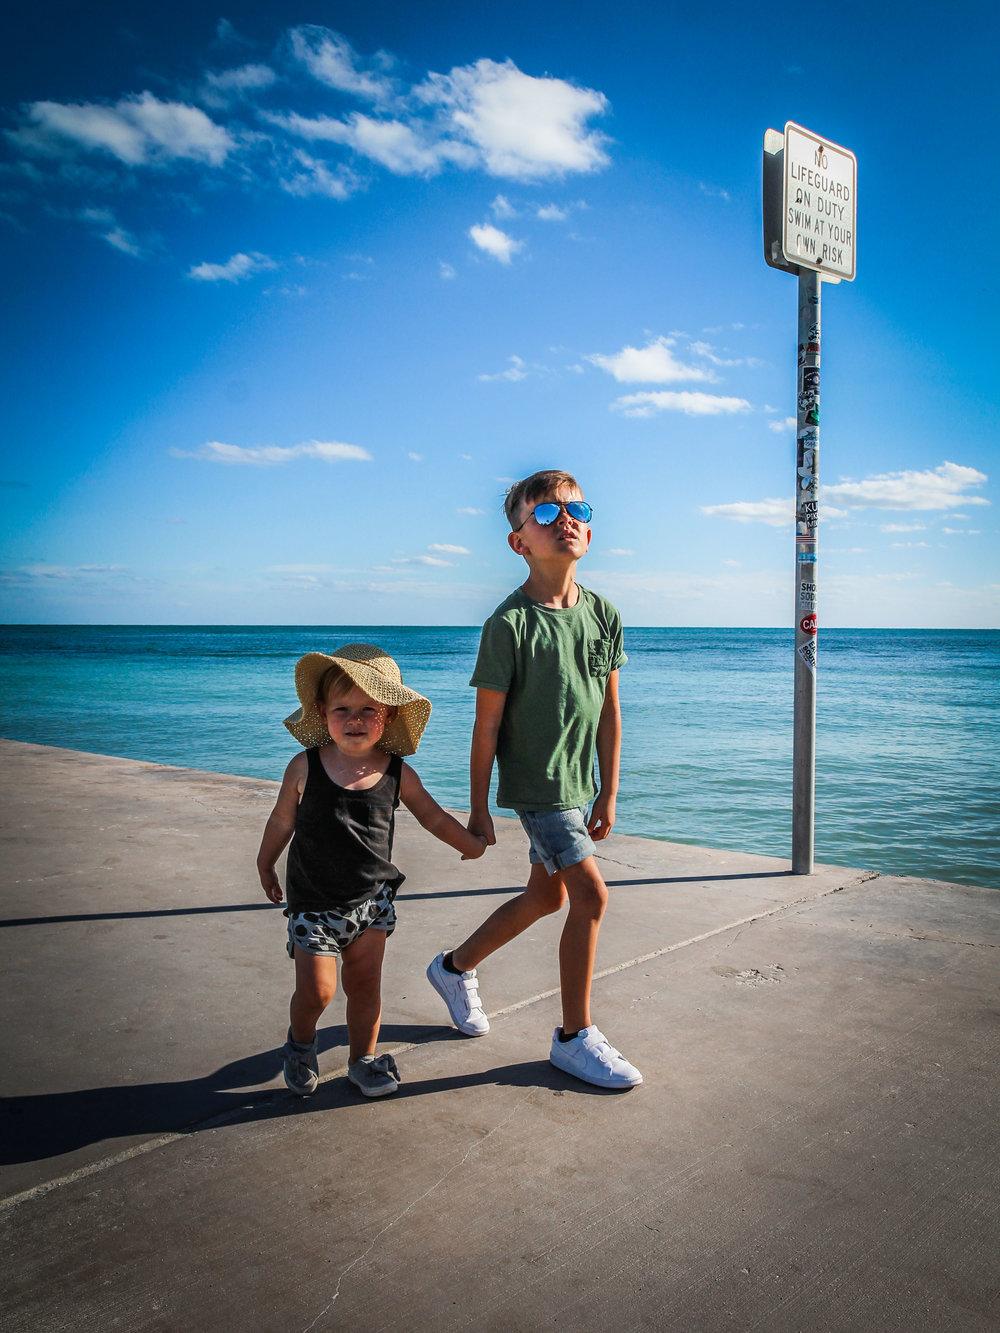 Florida_keys-_Key_west_To_do_reizen_met_kinderen-28.jpg